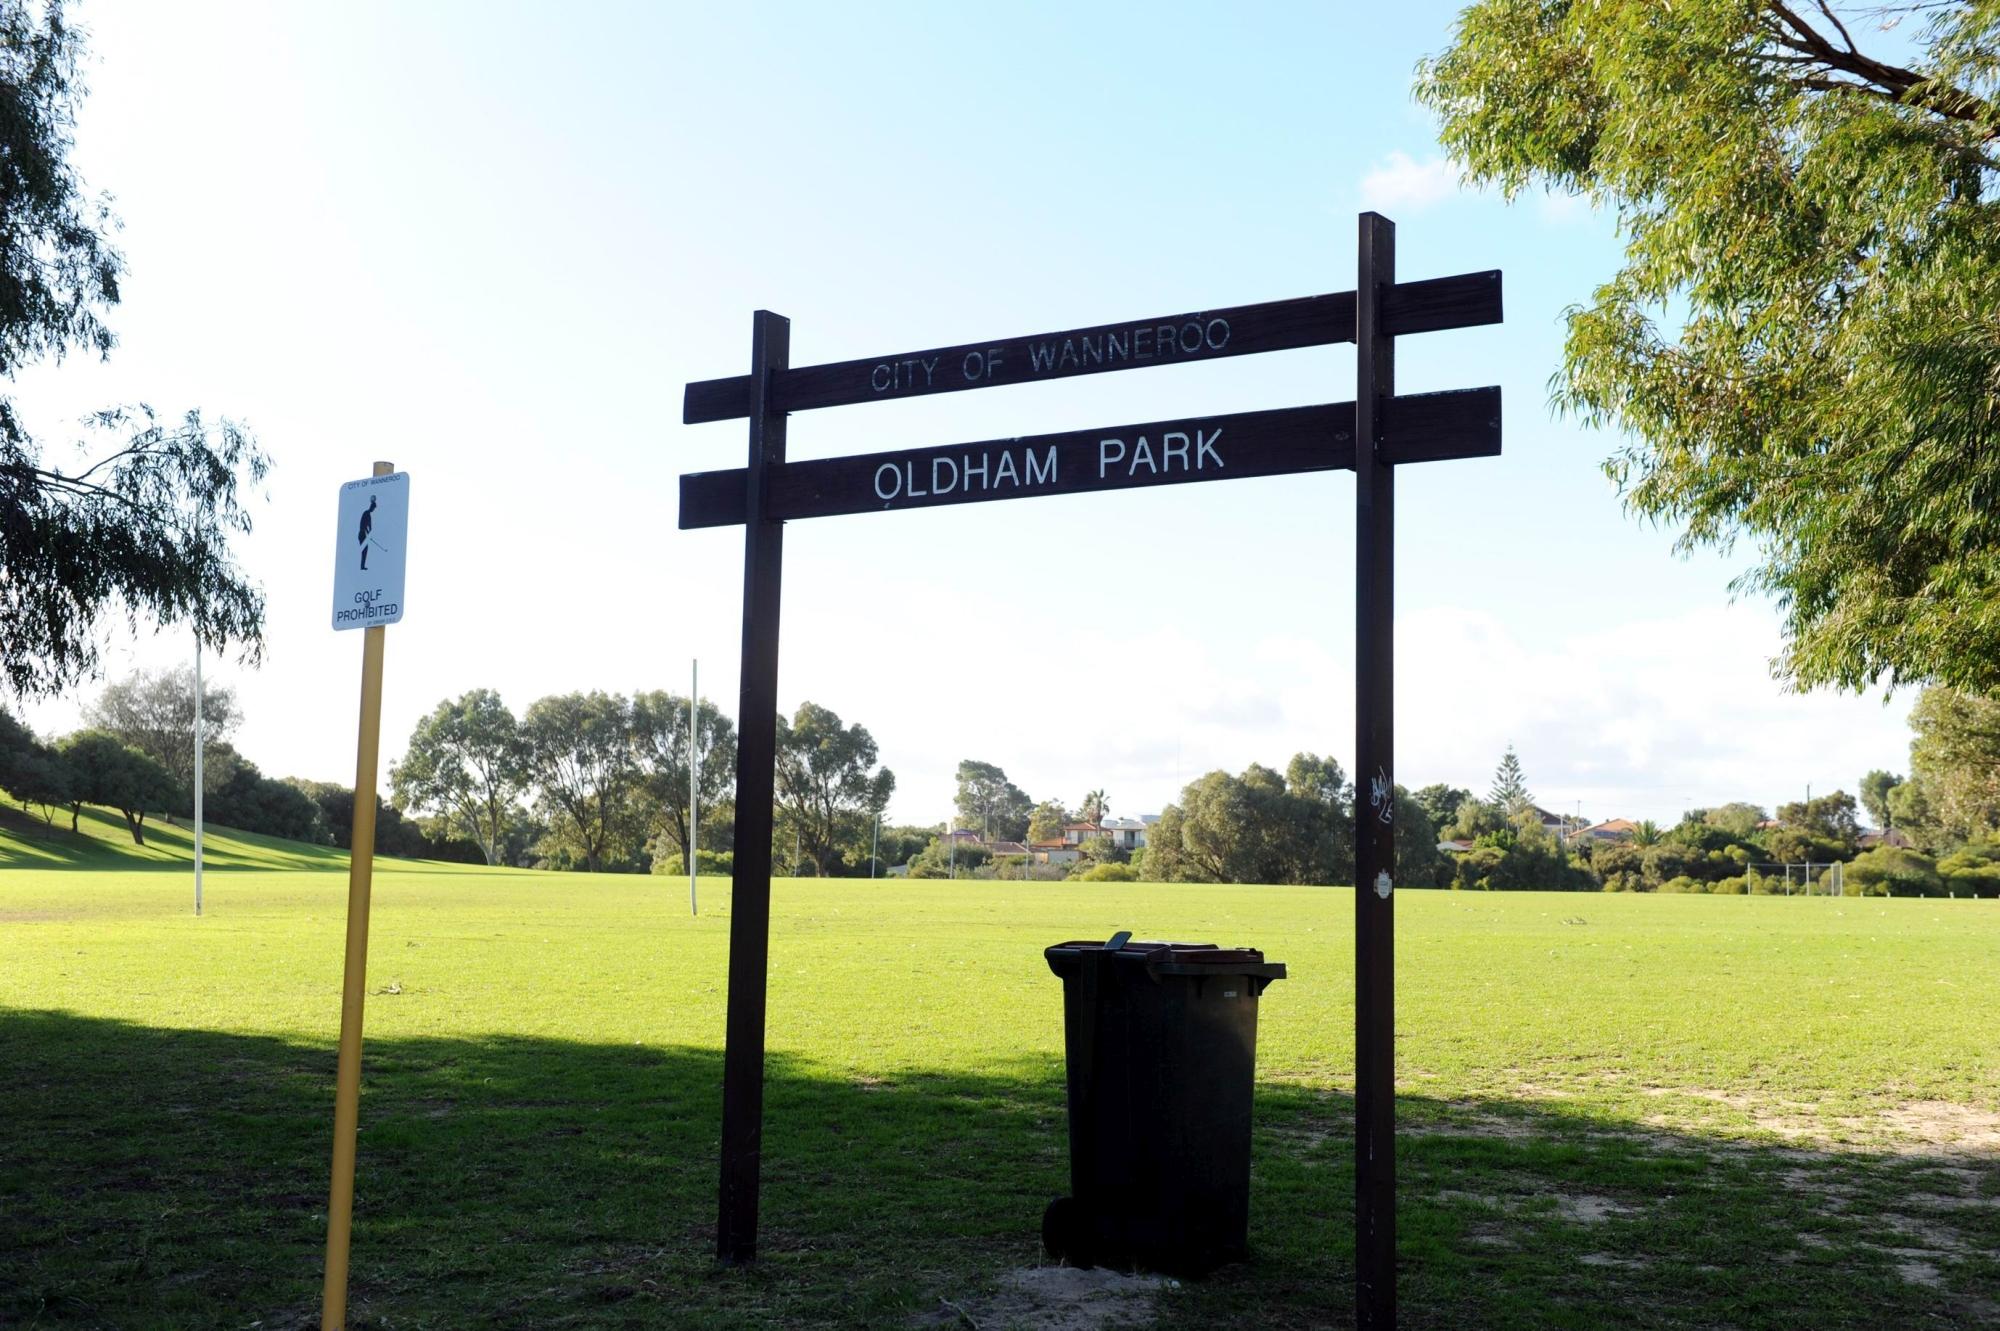 Oldham Park.